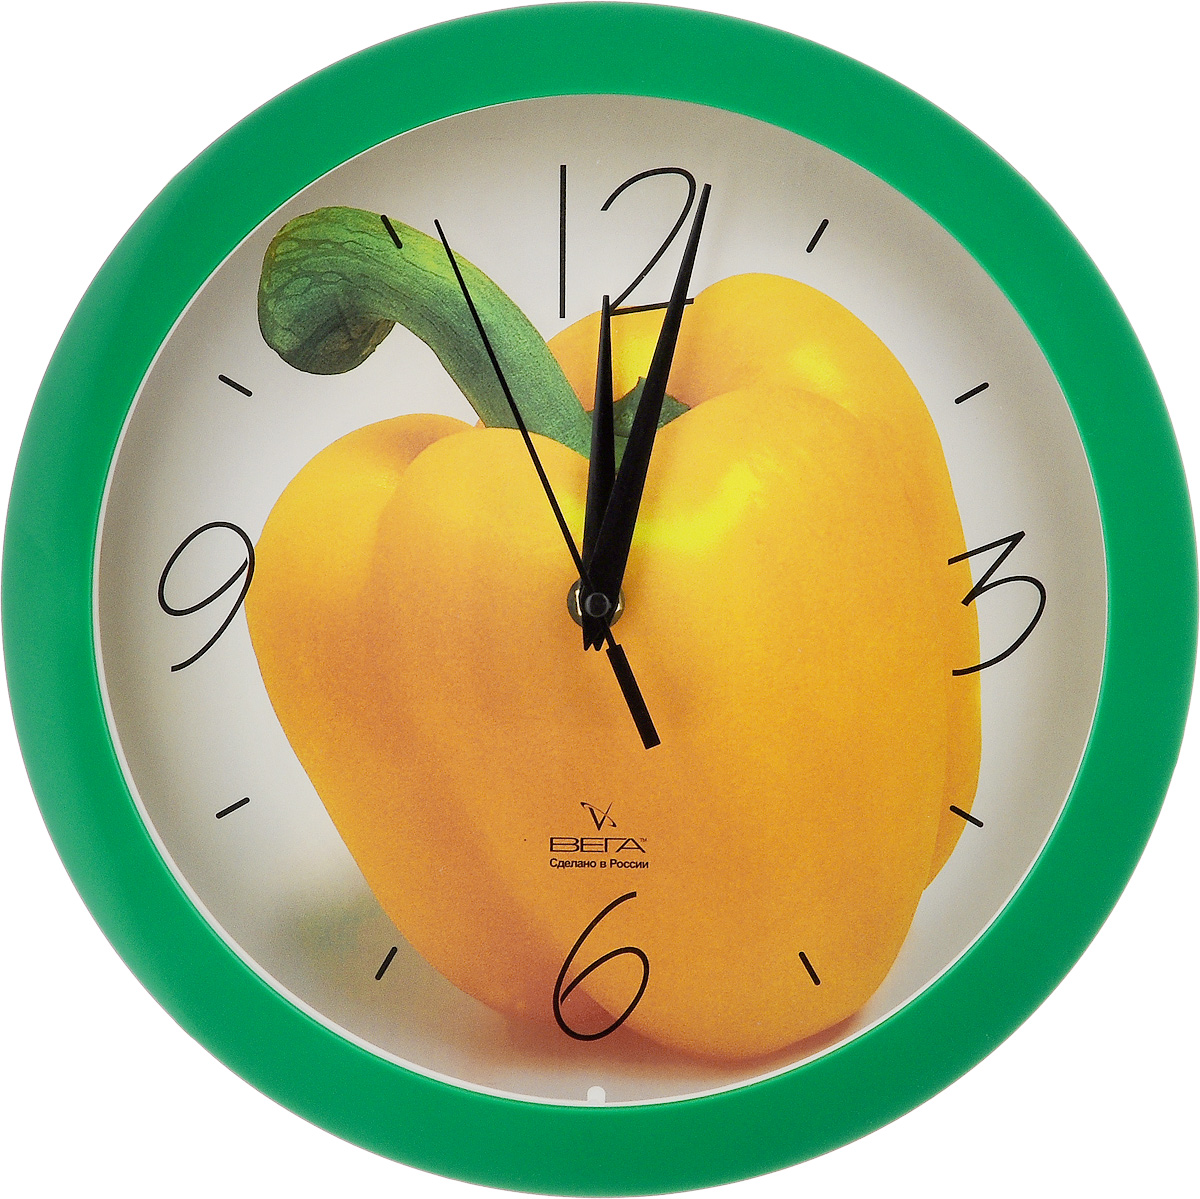 Часы настенные Вега Желтый перец, диаметр 28,5 смП1-10/7-204Настенные кварцевые часы Вега Желтый перец, изготовленные из пластика, прекрасно впишутся в интерьер вашего дома. Круглые часы имеют три стрелки: часовую, минутную и секундную, циферблат защищен прозрачным стеклом. Часы работают от 1 батарейки типа АА напряжением 1,5 В (не входит в комплект). Диаметр часов: 28,5 см.